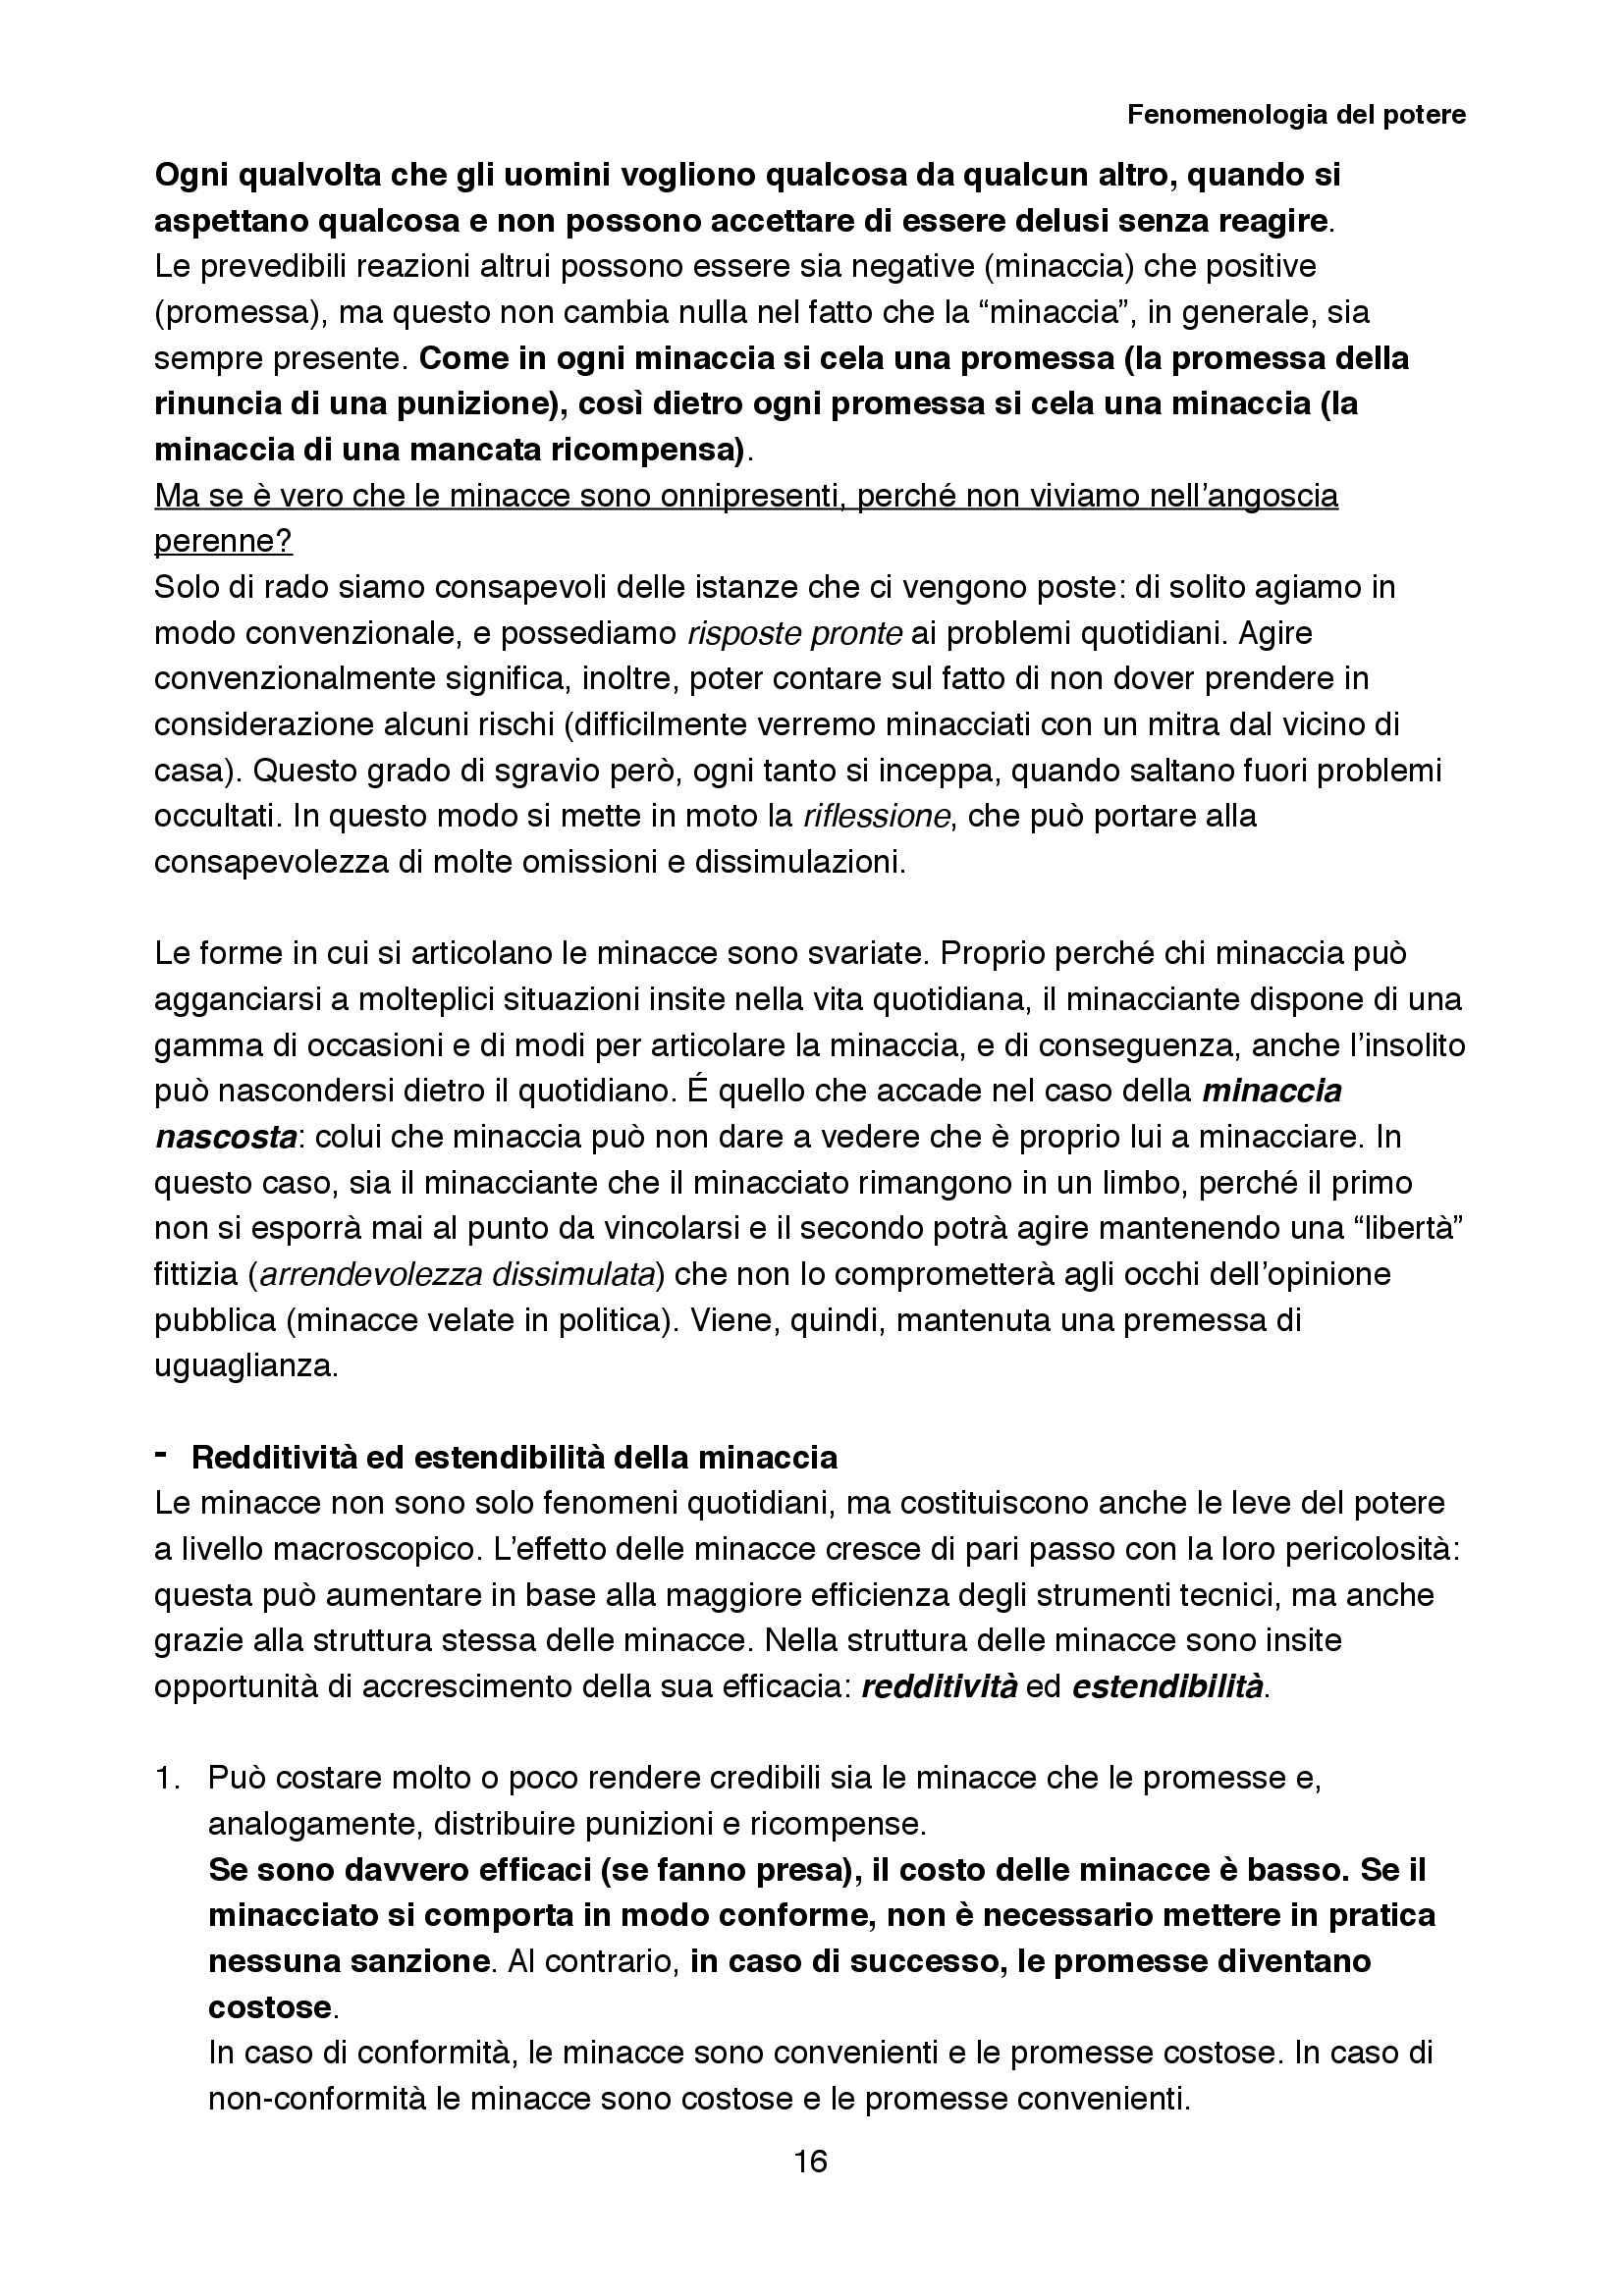 Riassunto esame Sociologia della cultura, prof. Biuso, libro consigliato Fenomenologia del potere, Popitz Pag. 16